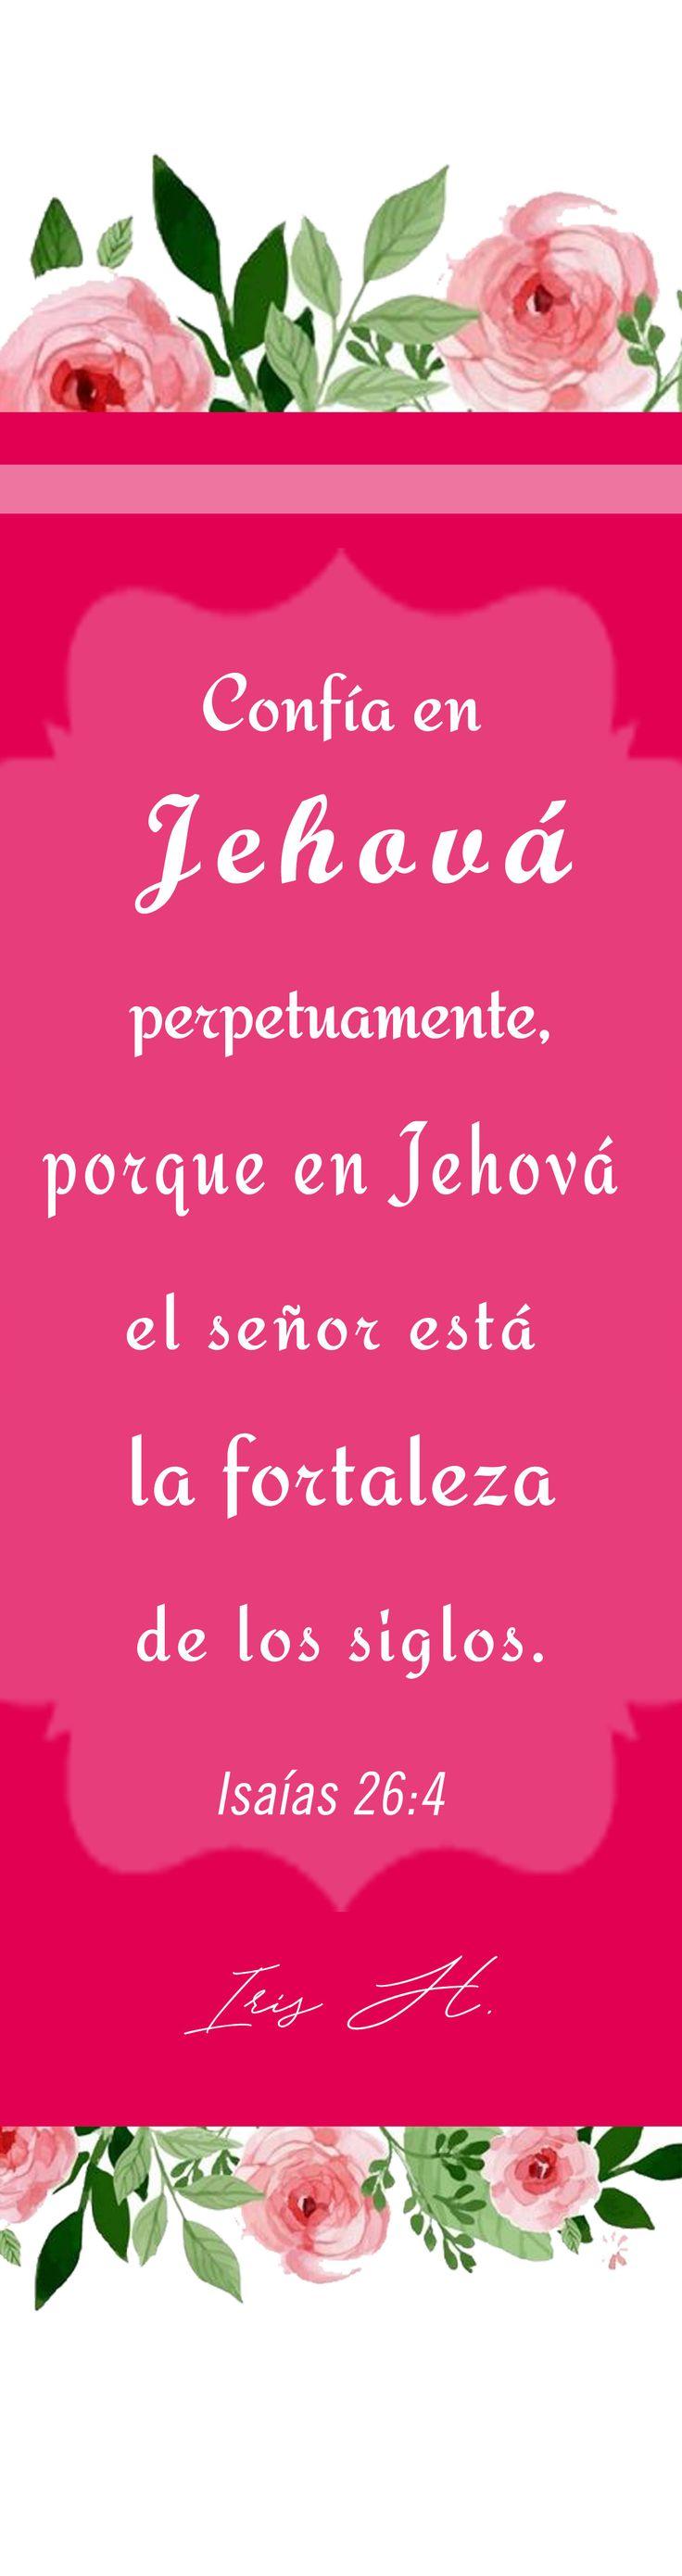 Confía en JEHOVÁ perpetuamente, porque en JEHOVÁ el señor está la fortaleza de los siglos. isaías 26:4